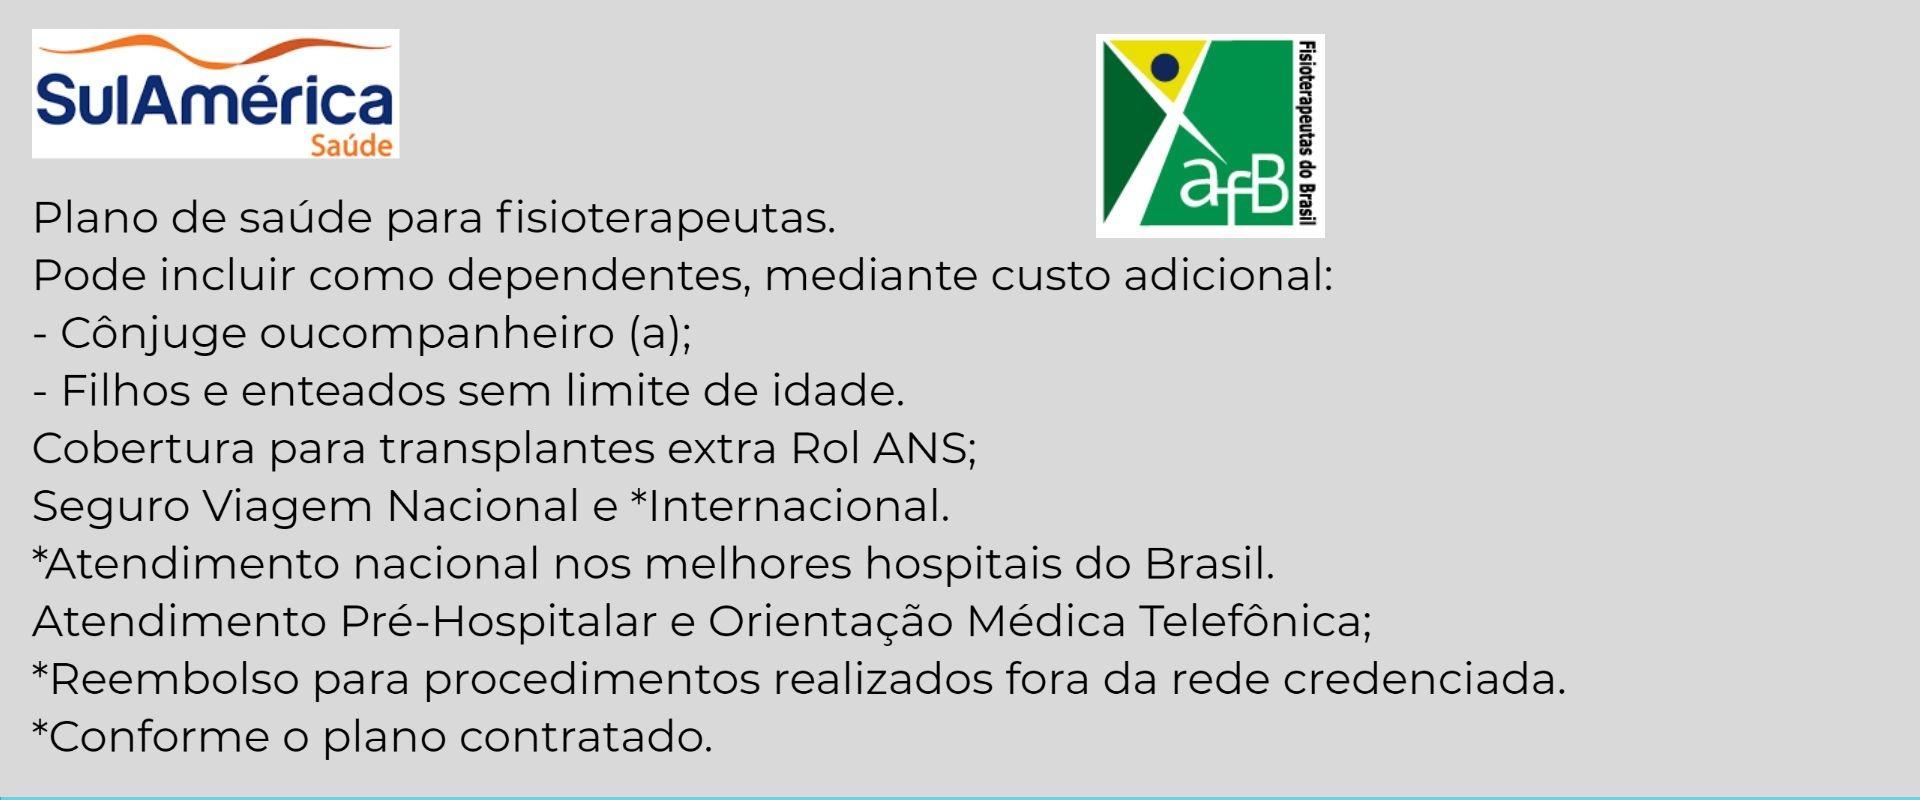 Sul América Saúde Crefito-BA